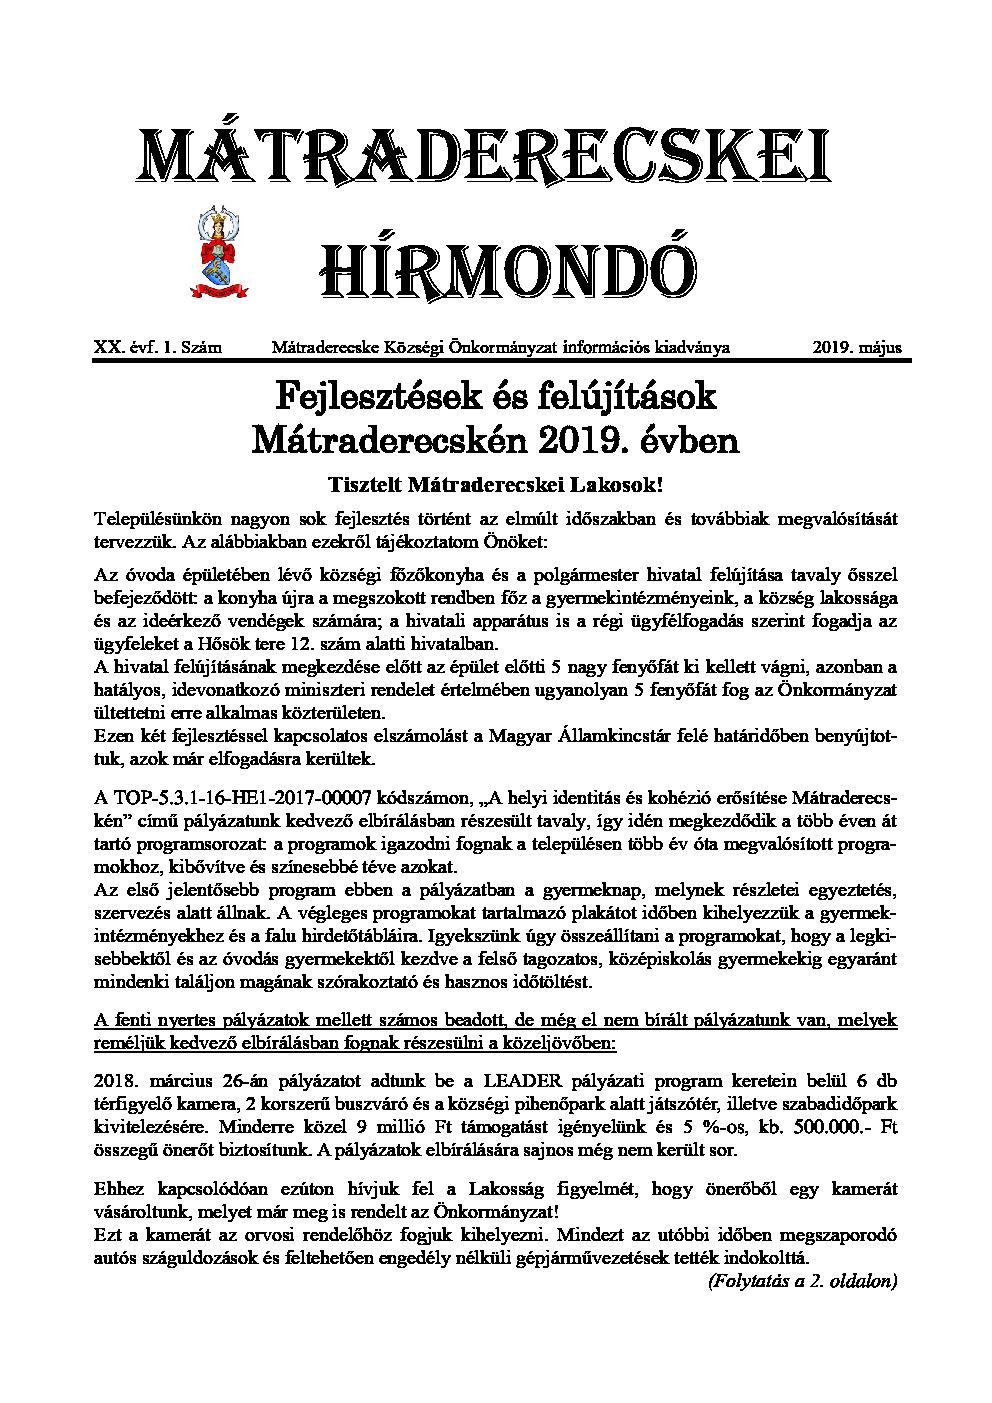 Mátraderecskei Hírmondó - 2019. május